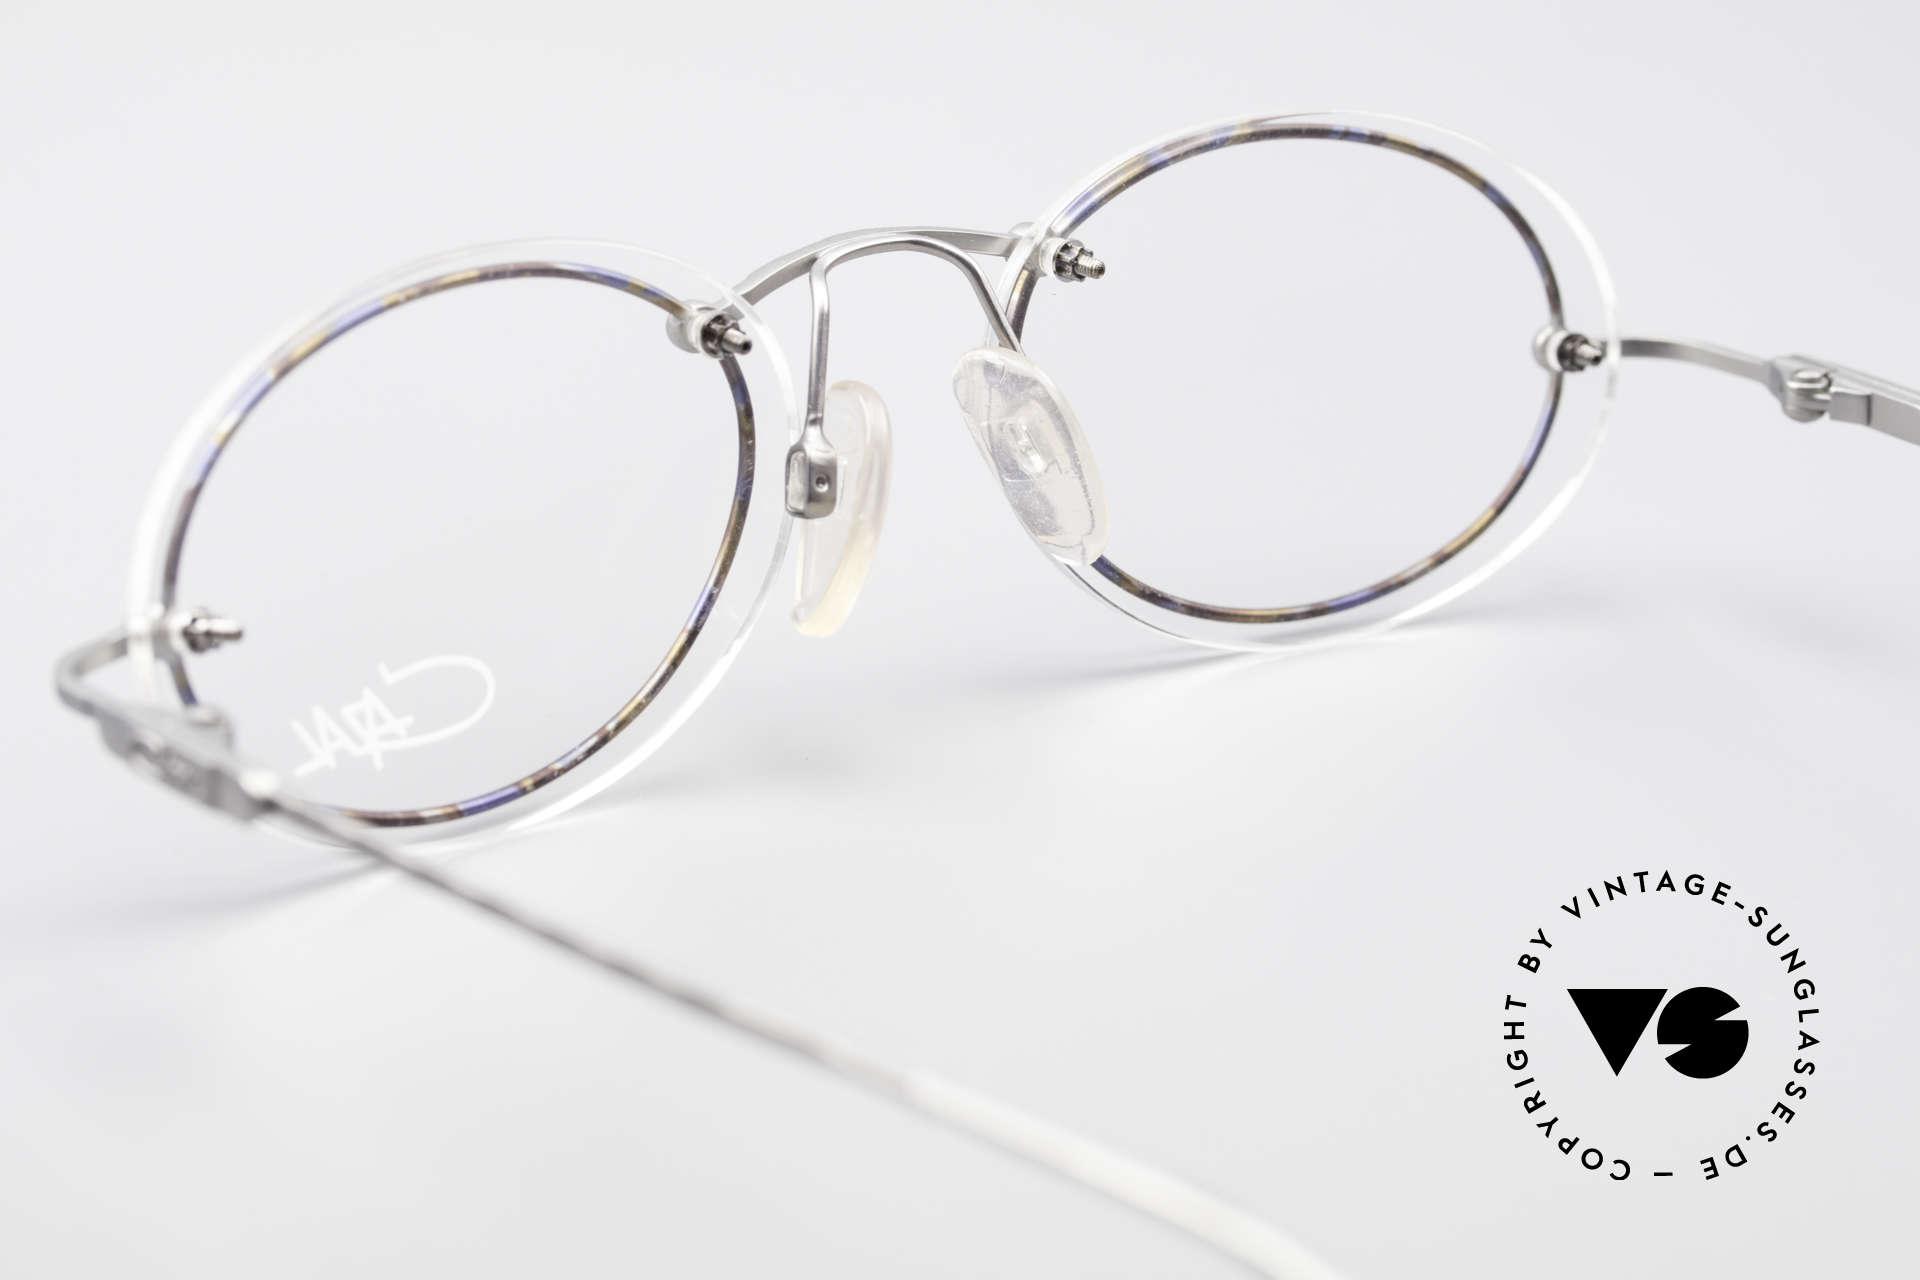 Cazal 770 Ovale Vintagebrille No Retro, die Fassung ist natürlich für optische Gläser gemacht, Passend für Herren und Damen